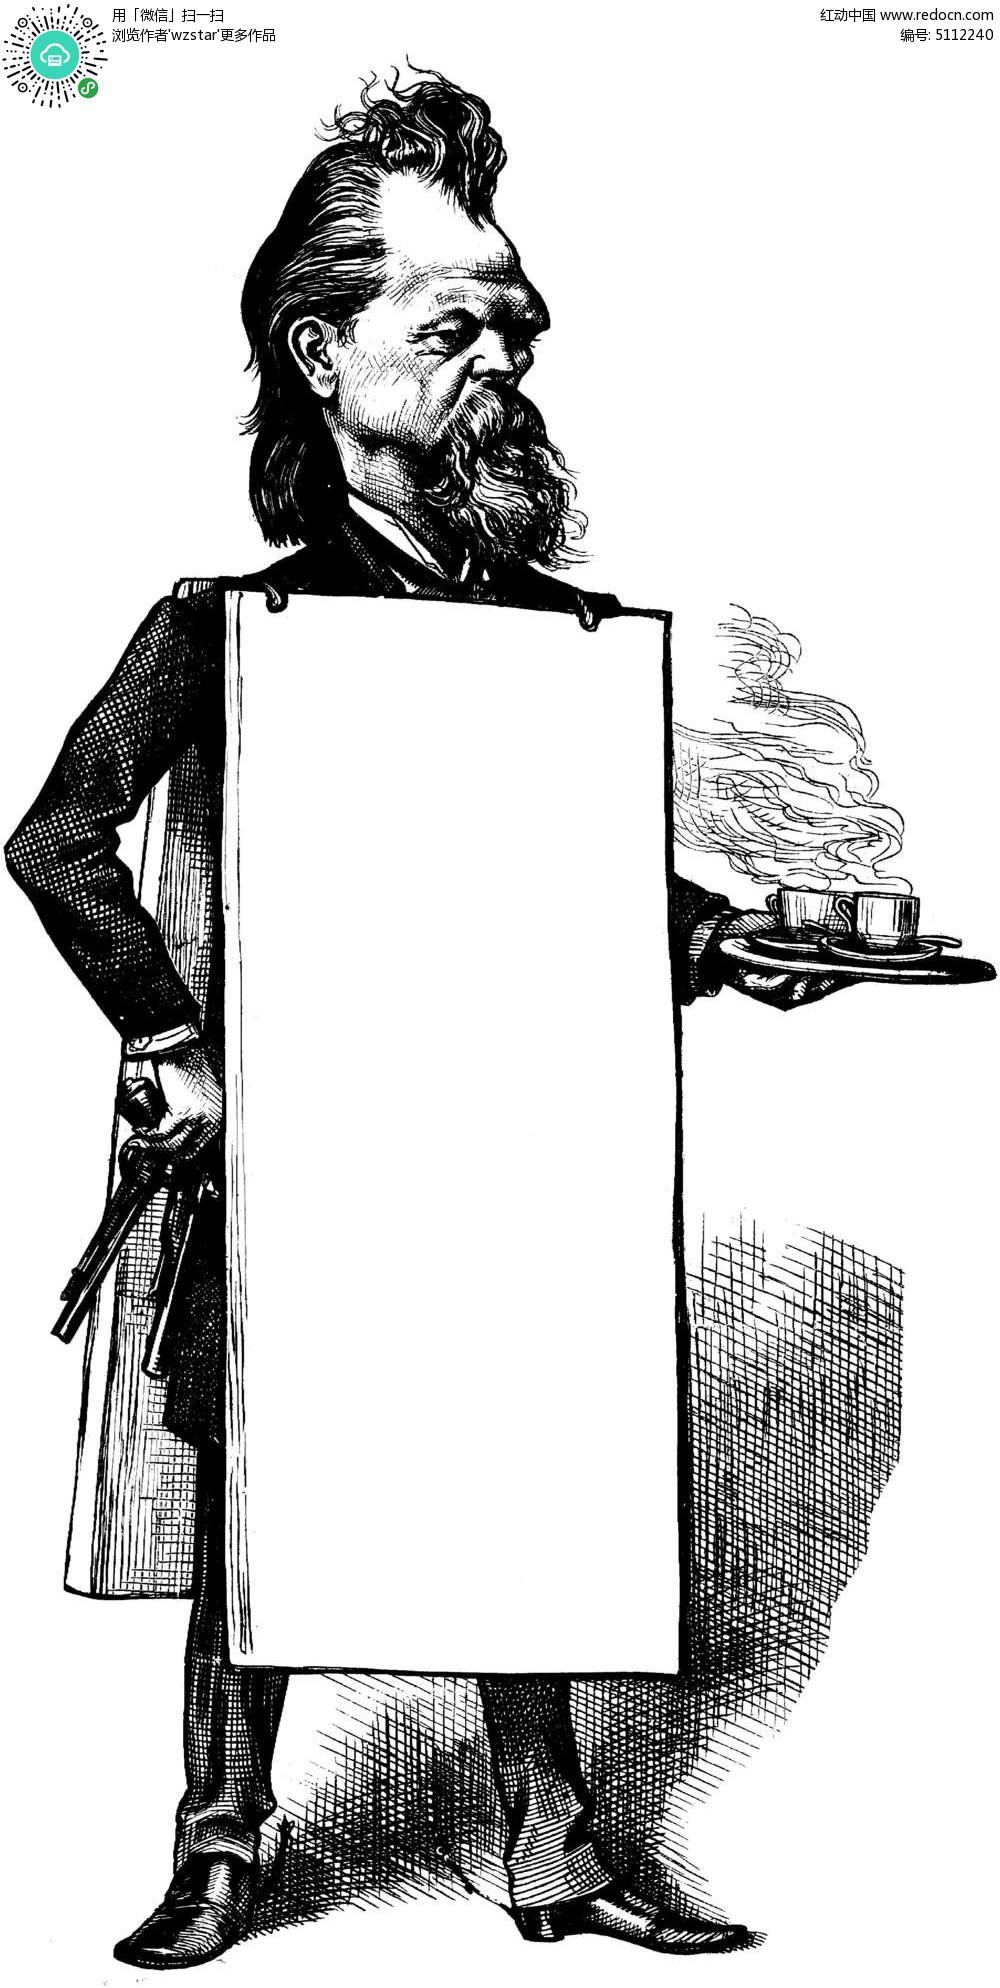 黑白高头发男人空白框psd素材图片